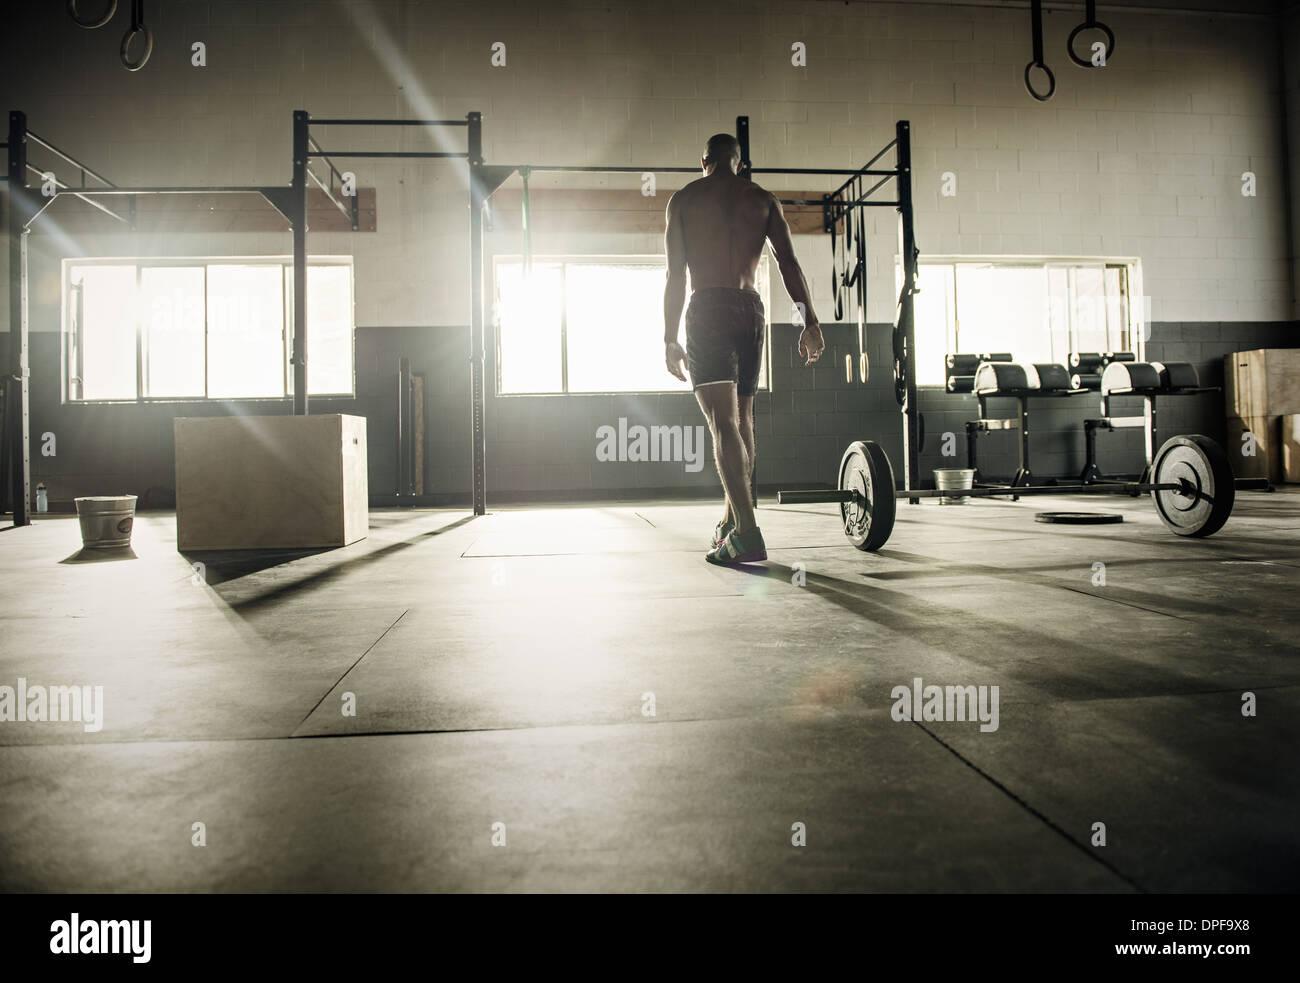 Joven preparándose para el ejercicio en el gimnasio bar Imagen De Stock